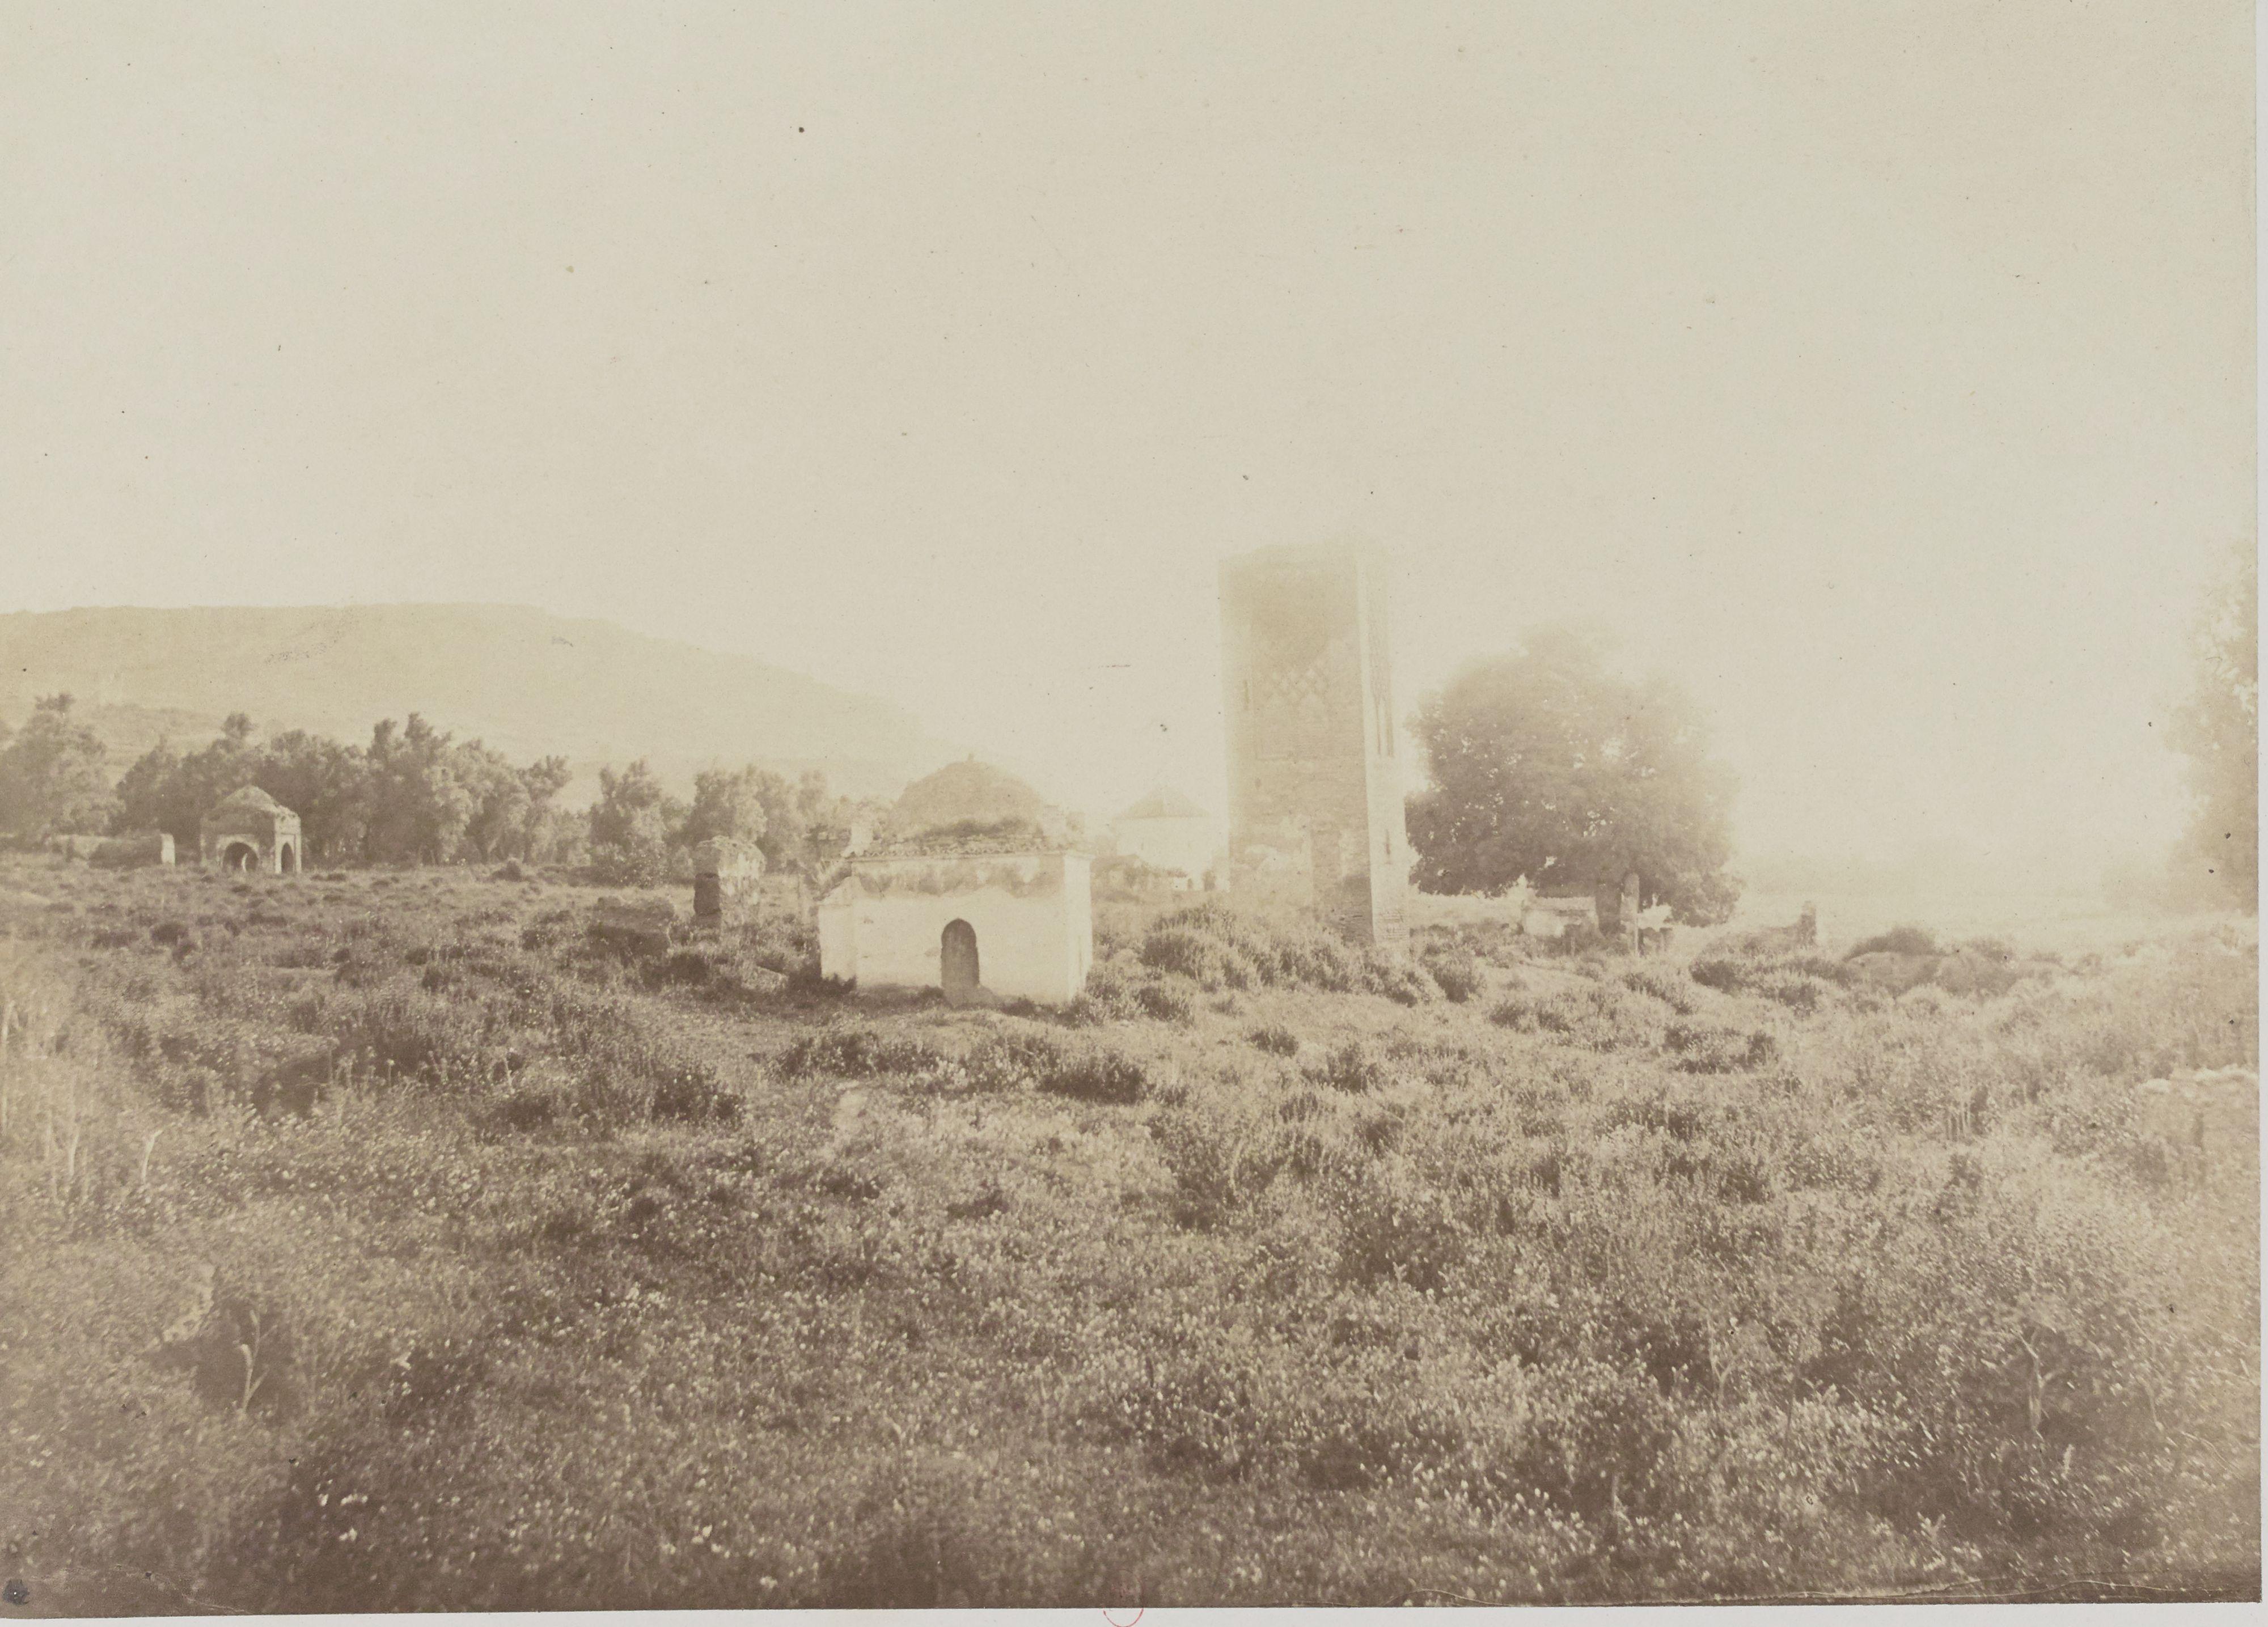 Развалины минарета и нескольких гробниц возле священной деревни Бумедин (близ Тлемсена)